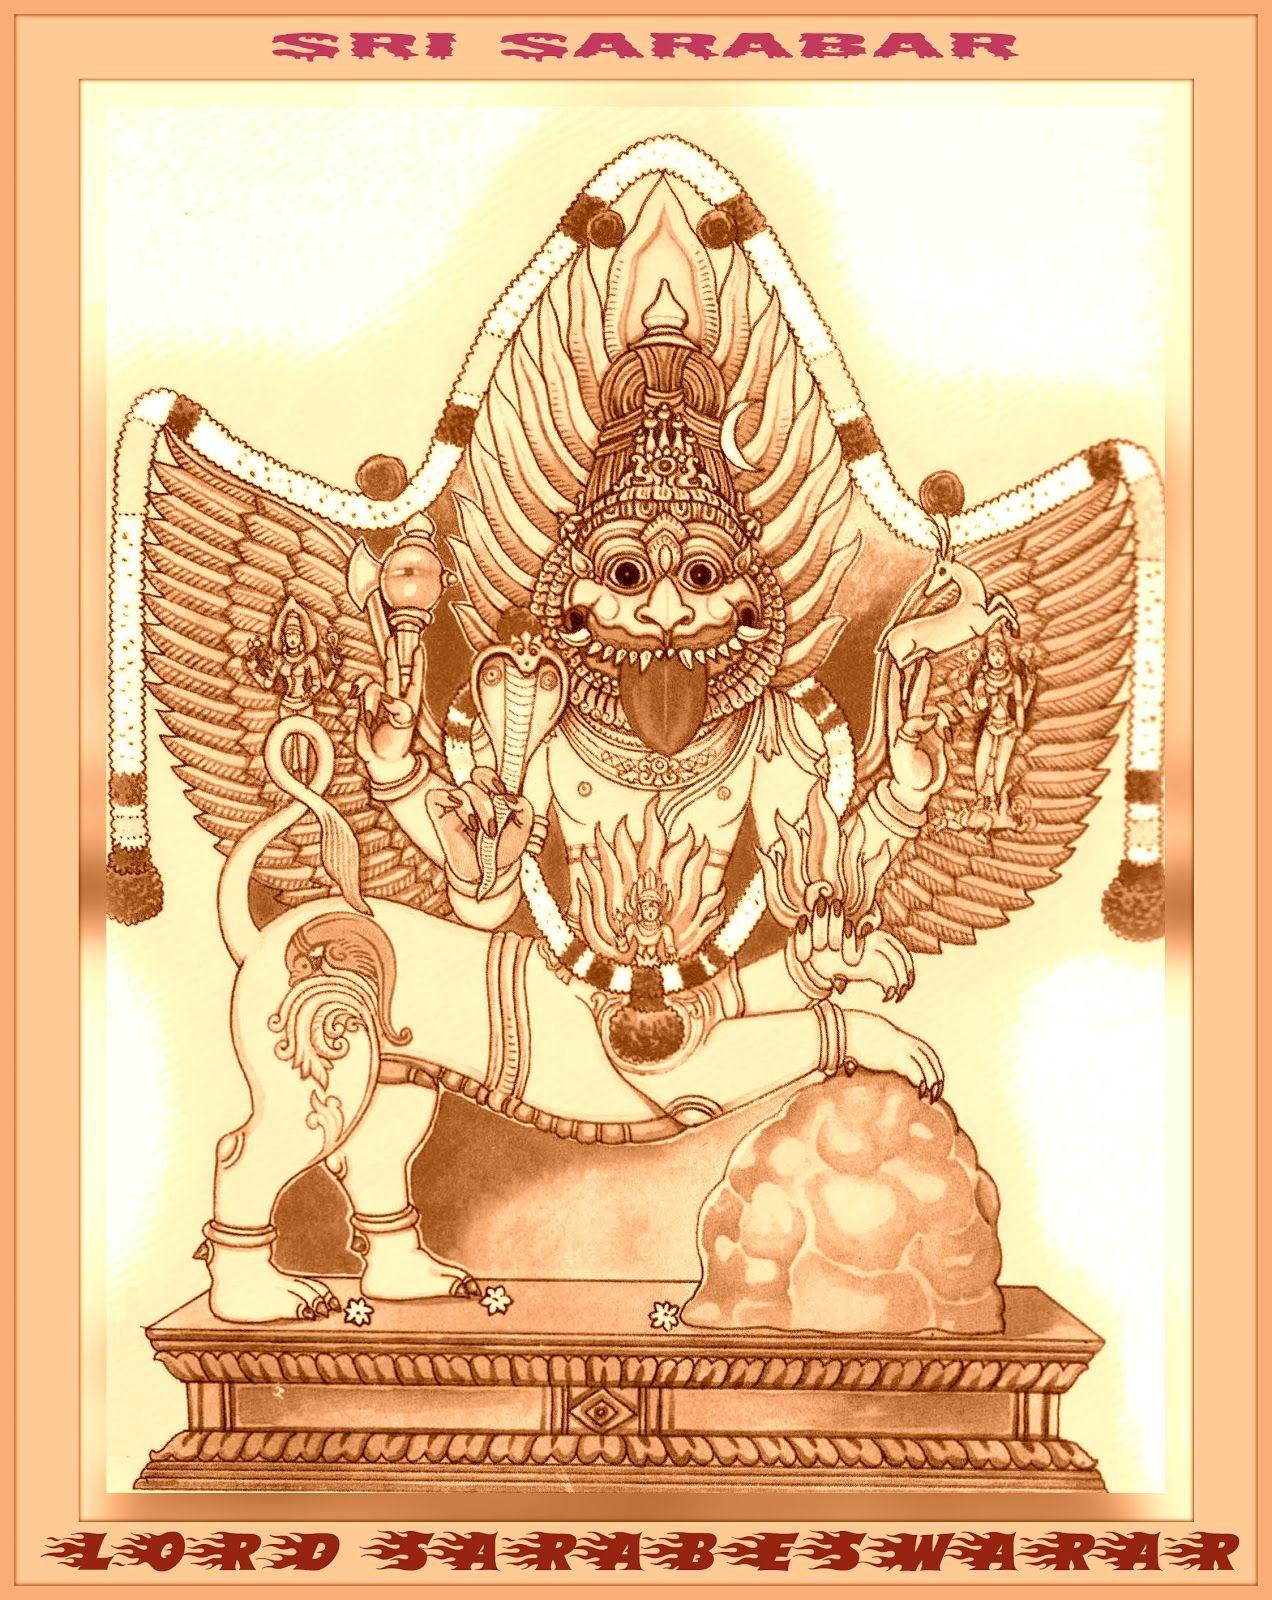 Om Ke(y)m, Sarabeswarar Moola mantra, சரபேஸ்வரர்